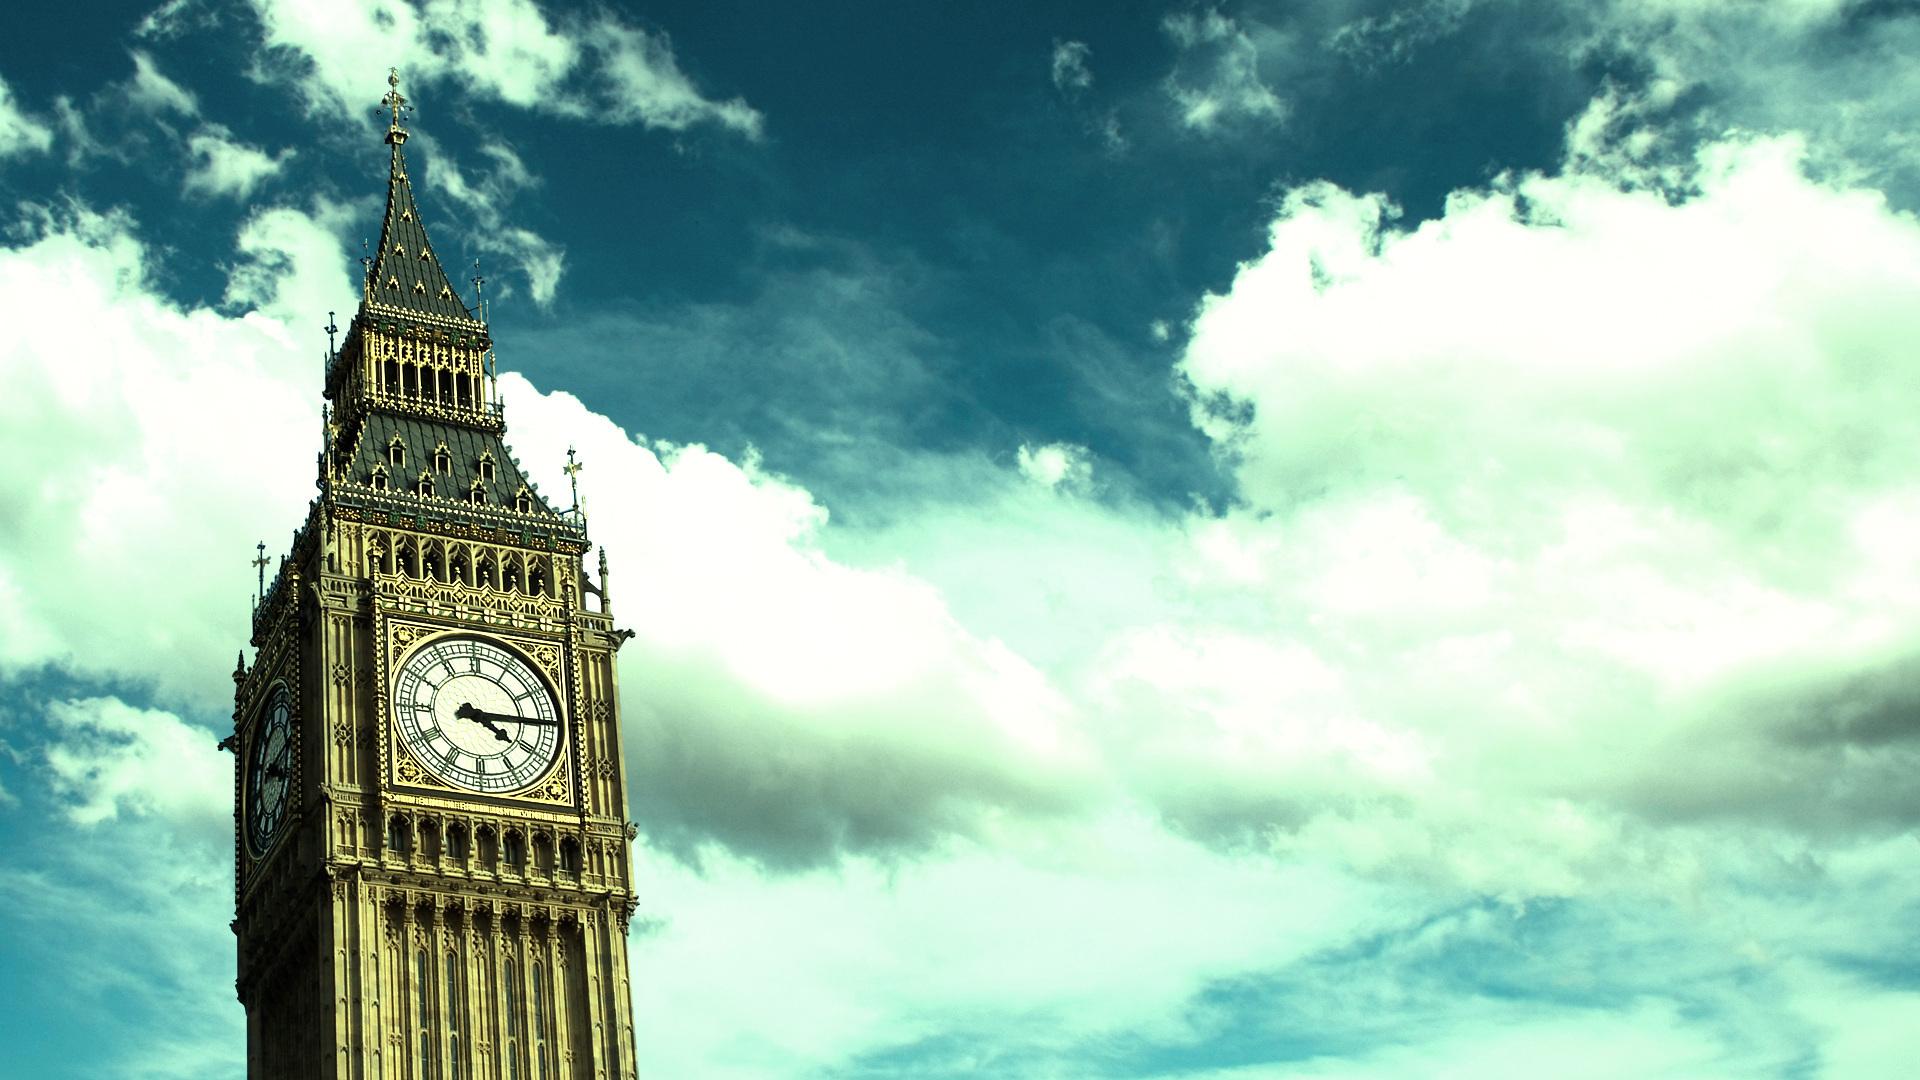 страны архитектура Лондон Англия  № 573714 бесплатно